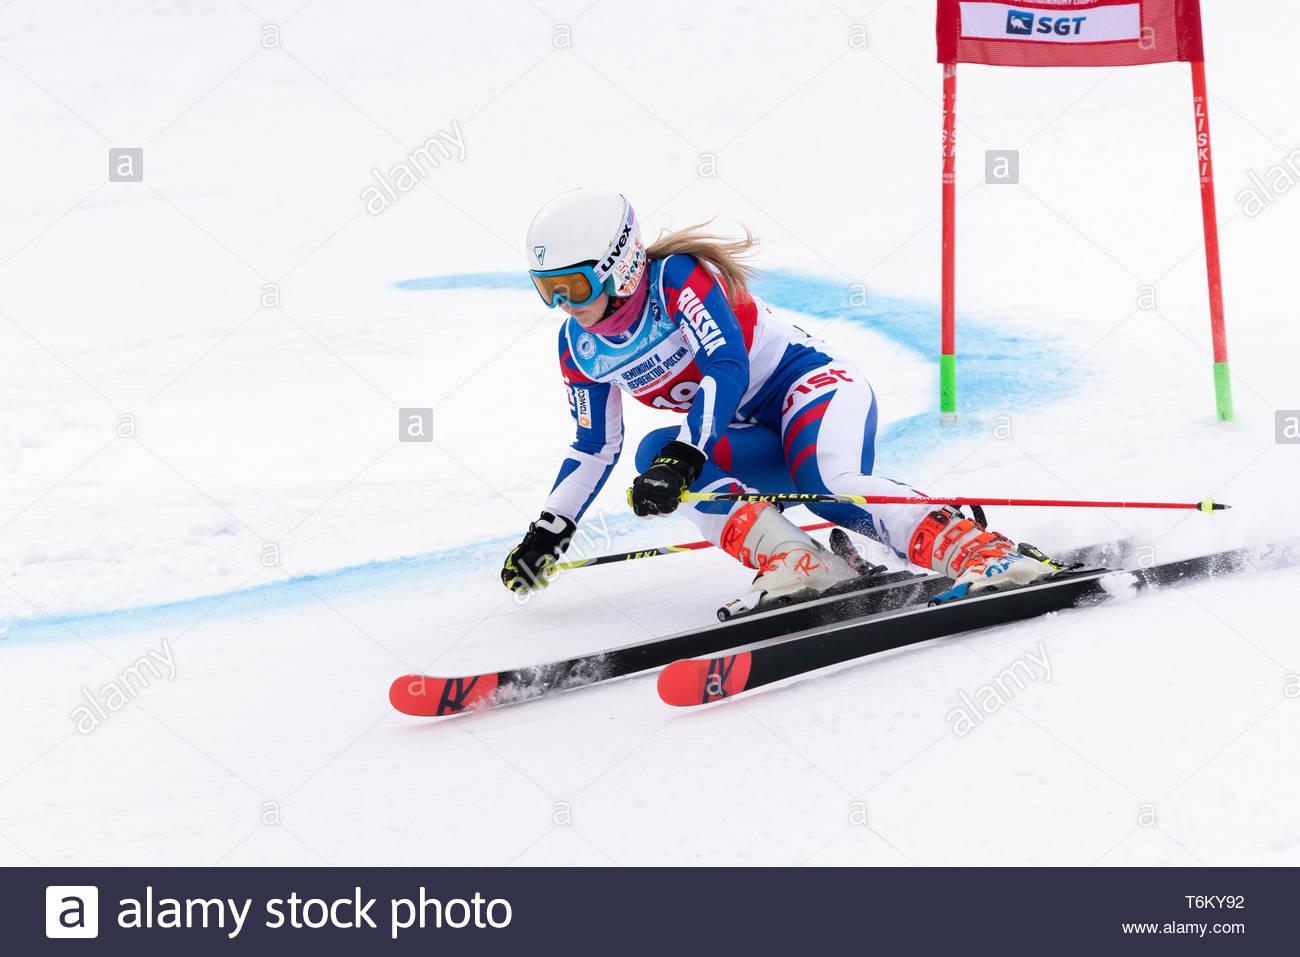 KAMCHATKA, RUSSIA - APR 2, 2019: Mountain skier Yaroslava Popova (Krasnoyarsk Region) skiing down mount slope. International Ski Federation Championsh - Stock Image